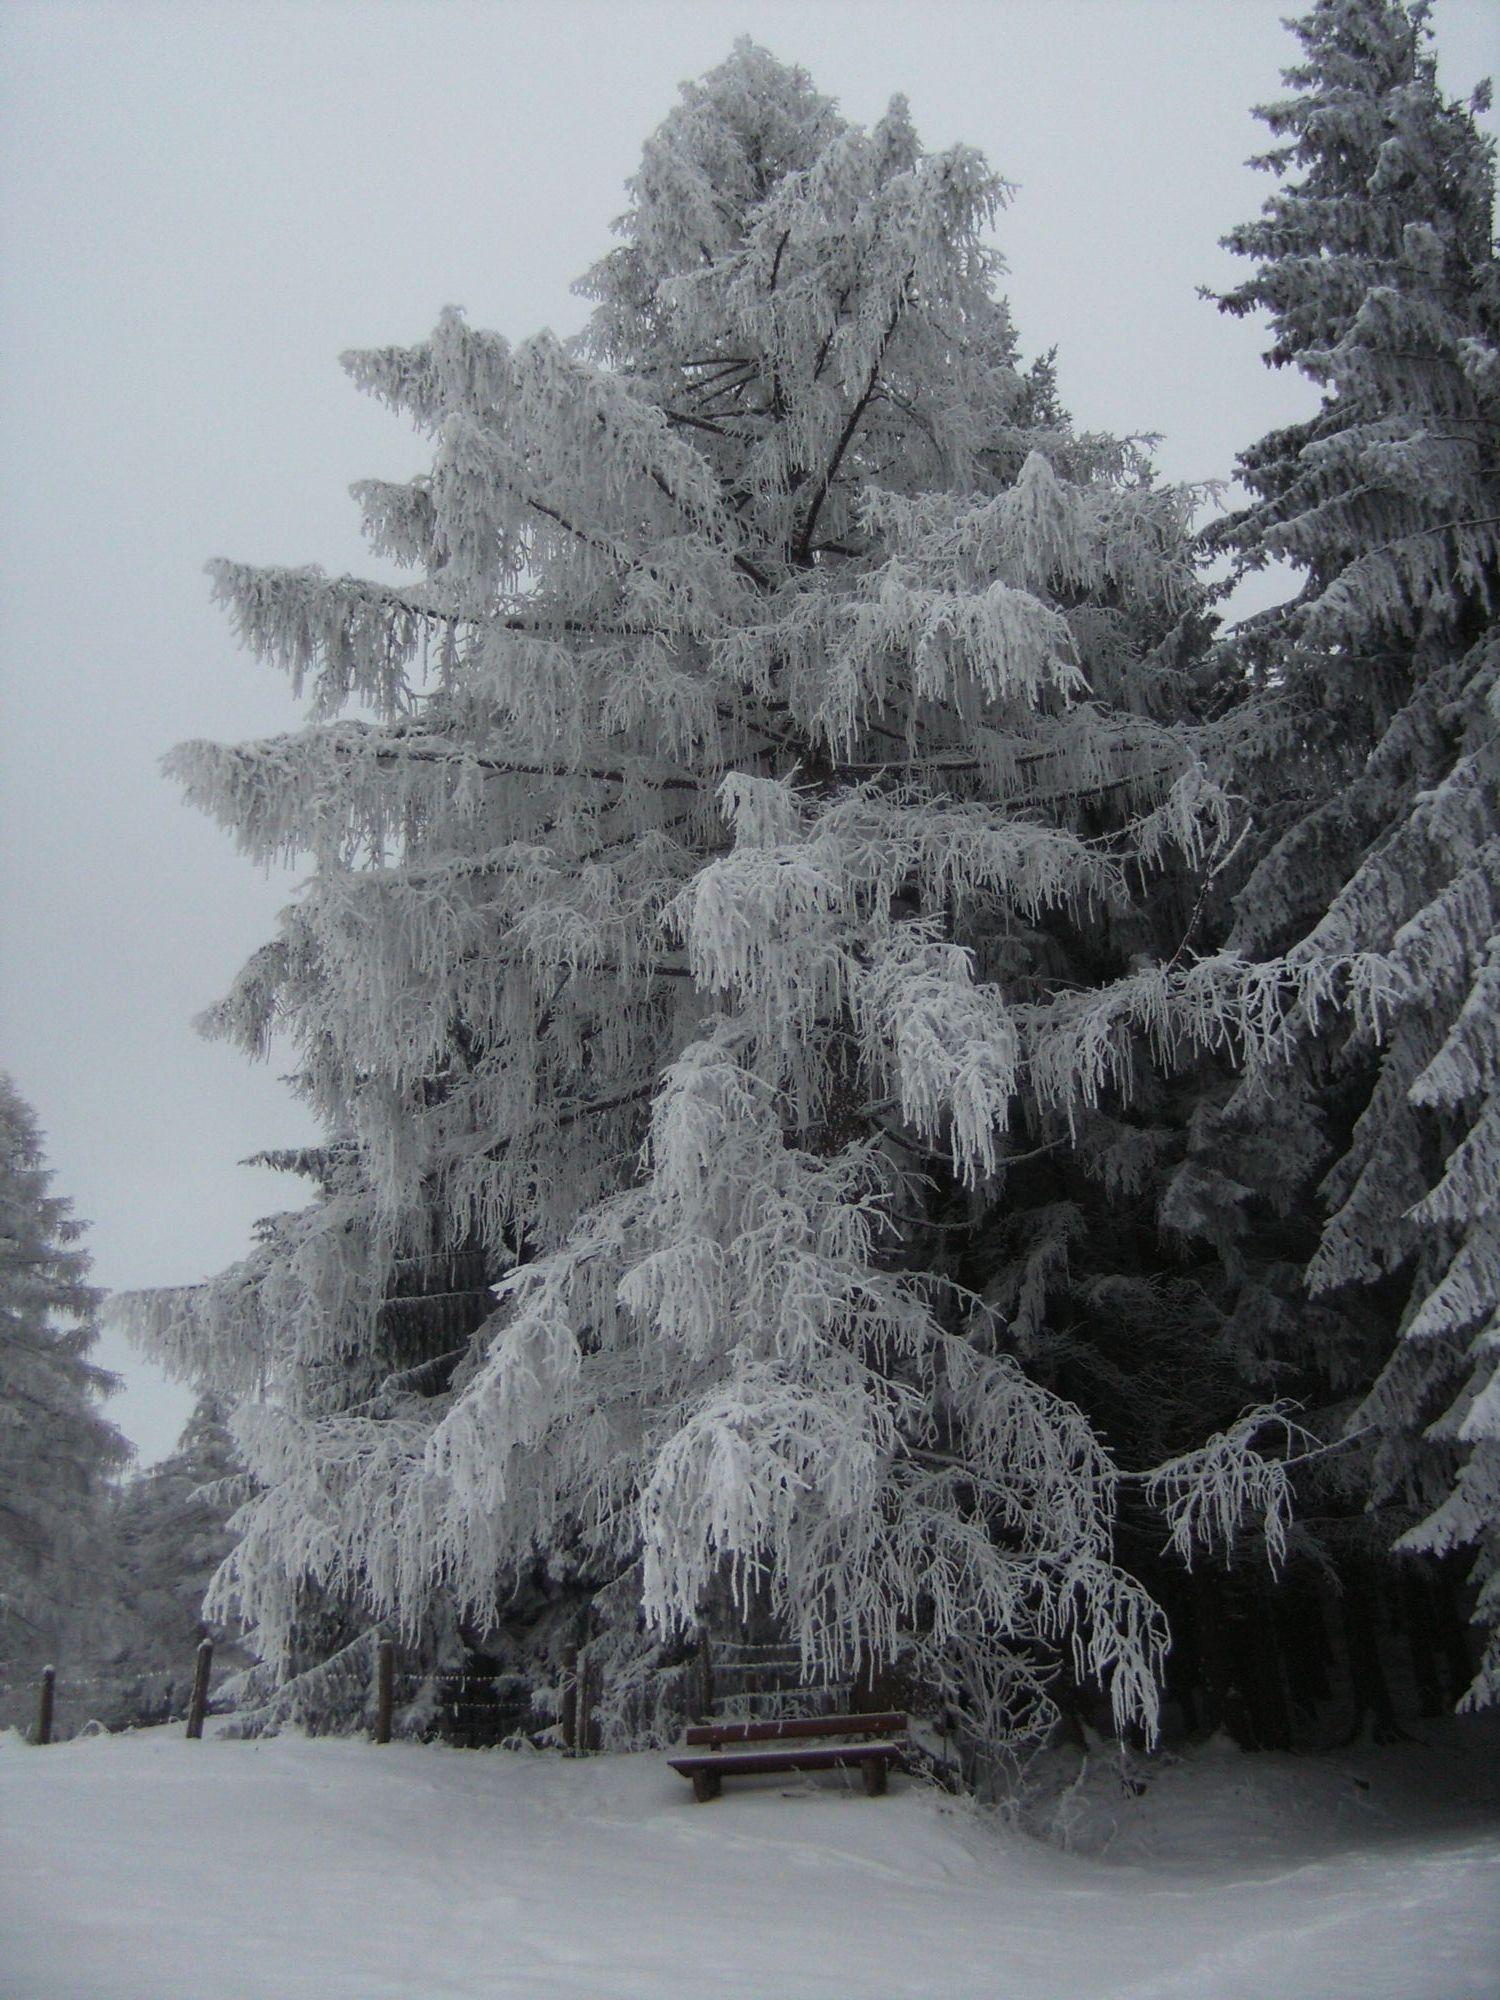 Wochenende: Kalt und stellenweise Schnee